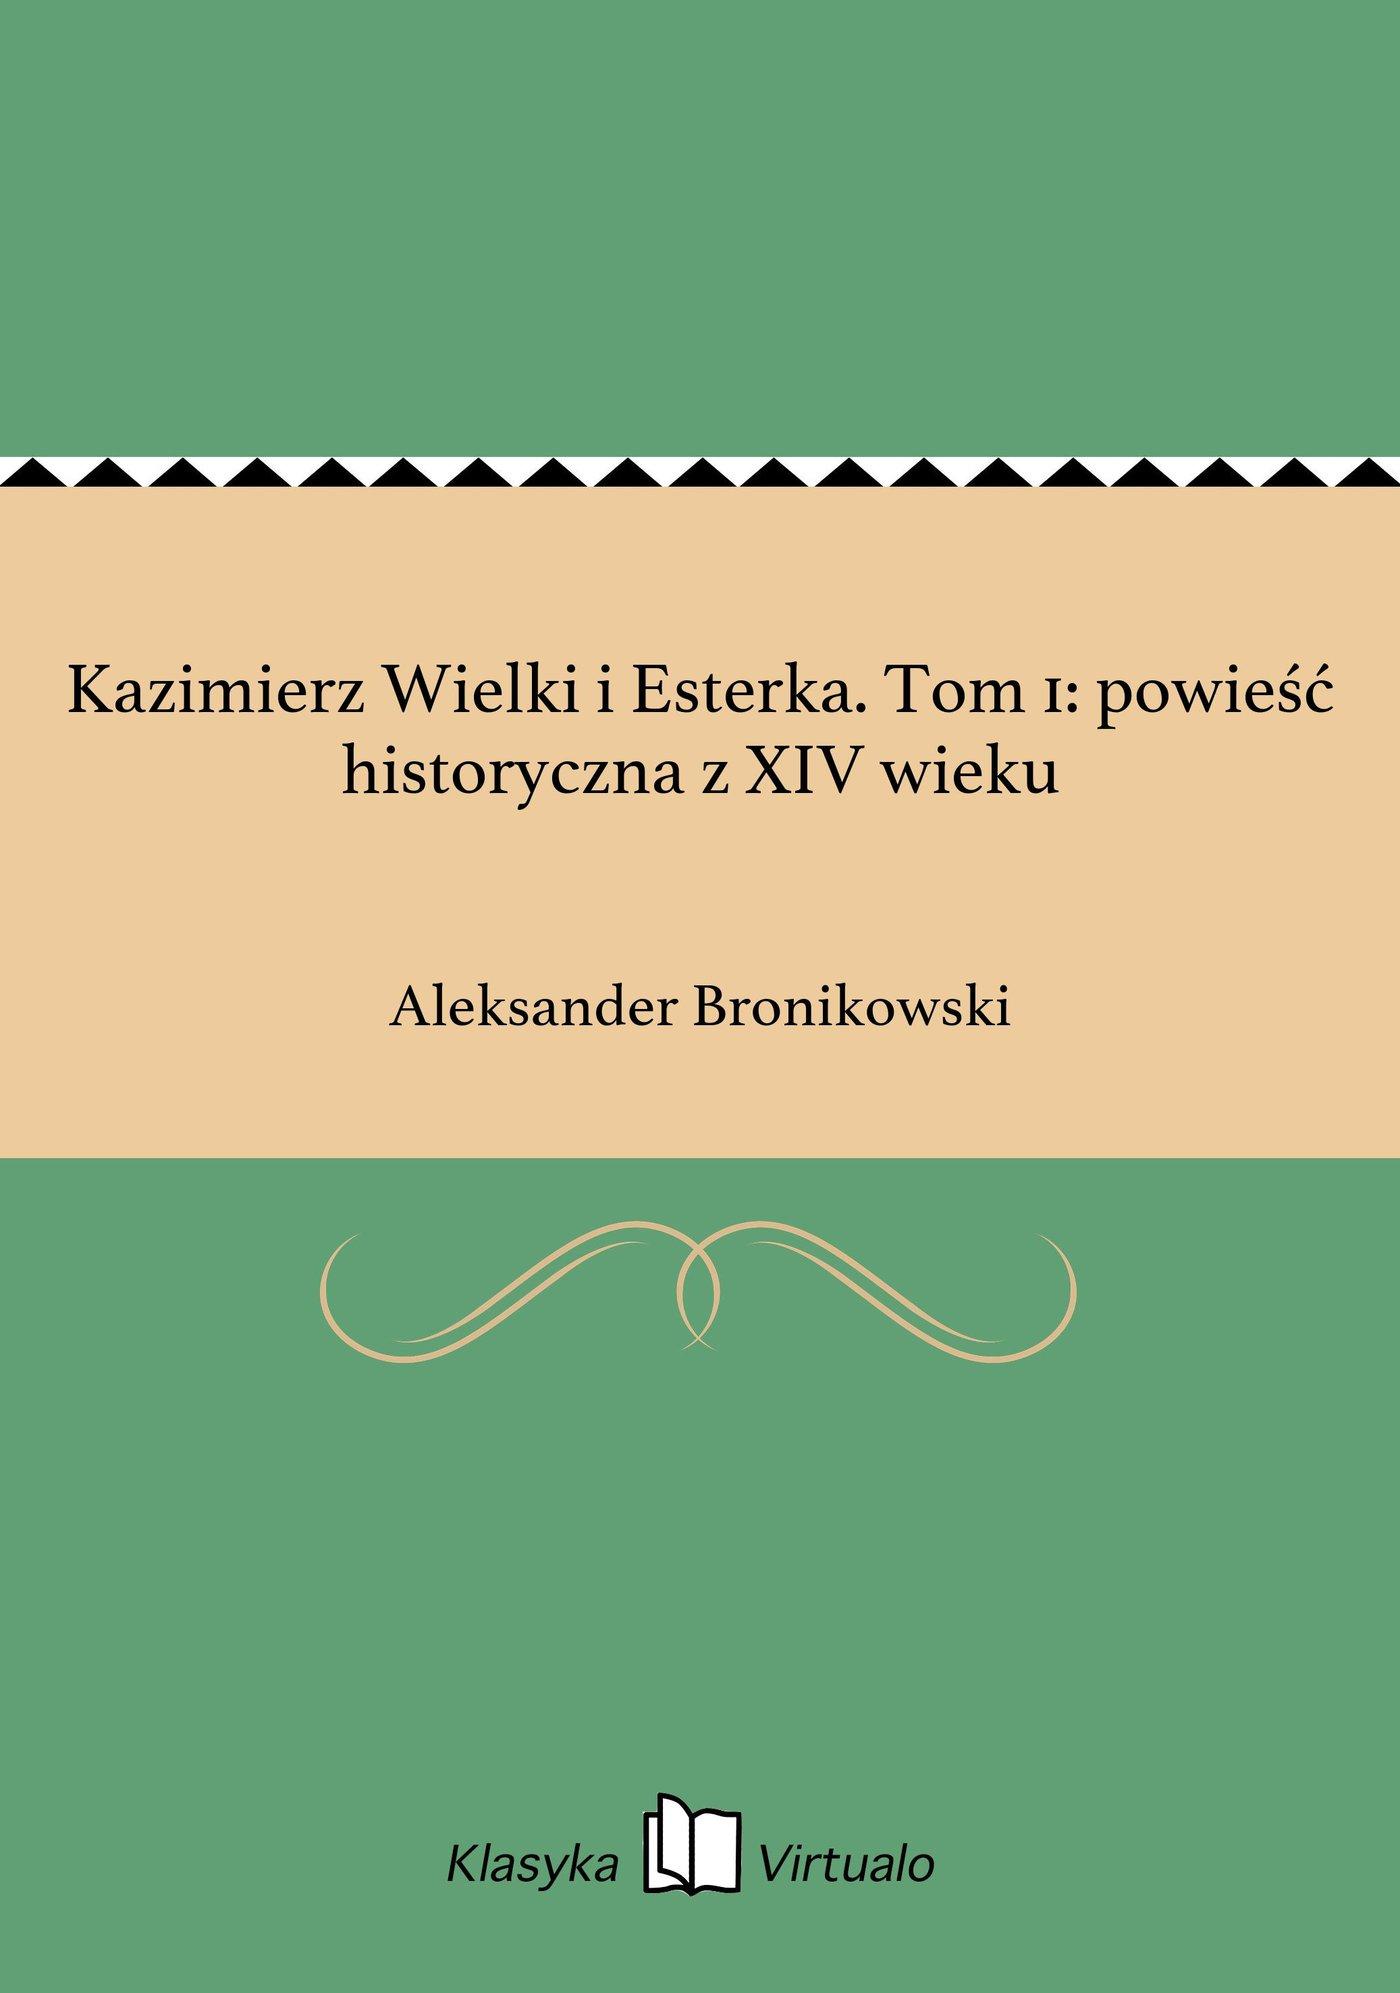 Kazimierz Wielki i Esterka. Tom 1: powieść historyczna z XIV wieku - Ebook (Książka EPUB) do pobrania w formacie EPUB